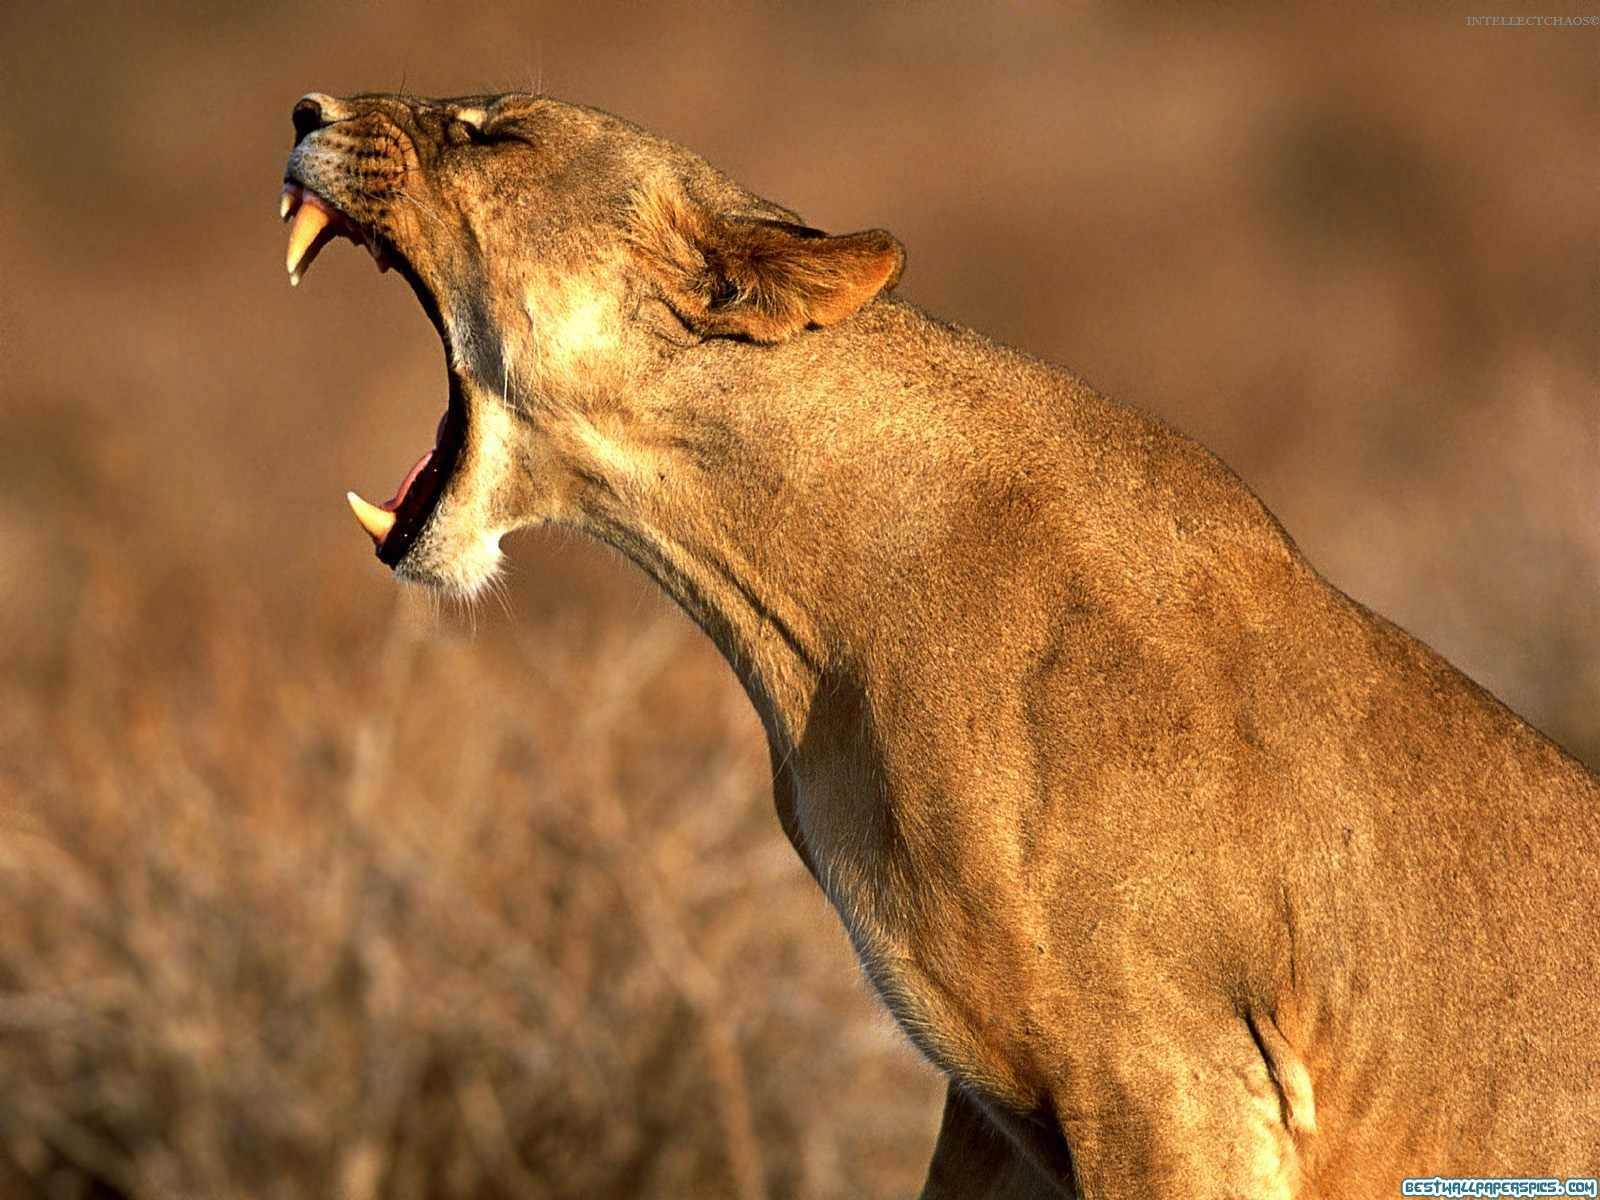 http://3.bp.blogspot.com/-XG_9ufeGyeE/UBJz4BMuRnI/AAAAAAAAAVU/tDgLABtEkAc/s1600/lion-mouth-wallpaper.jpg